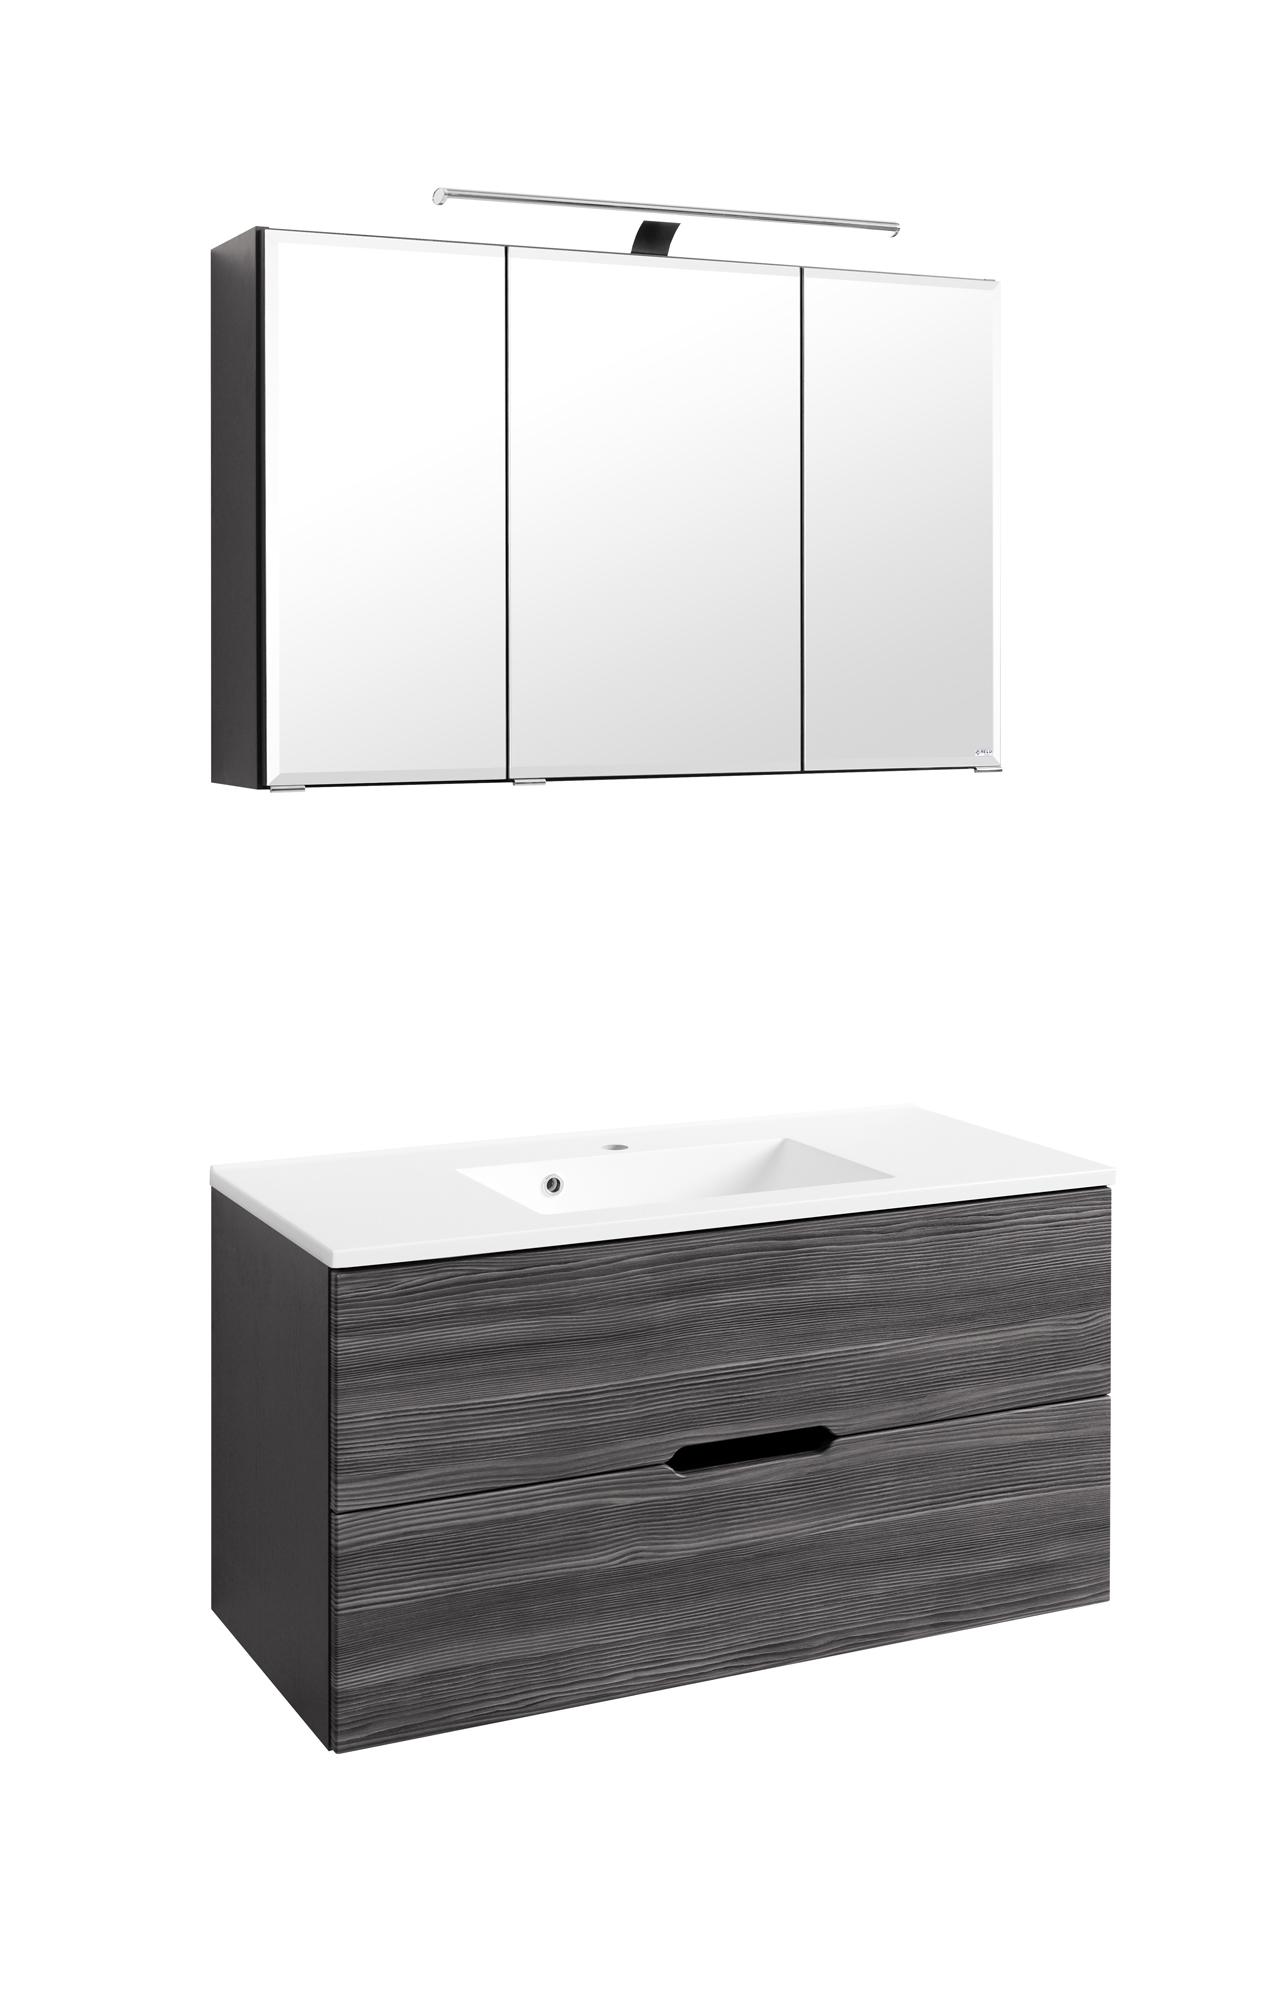 waschtisch set waschplatz handwaschplatz spiegelschrank spiegel bad ebay. Black Bedroom Furniture Sets. Home Design Ideas